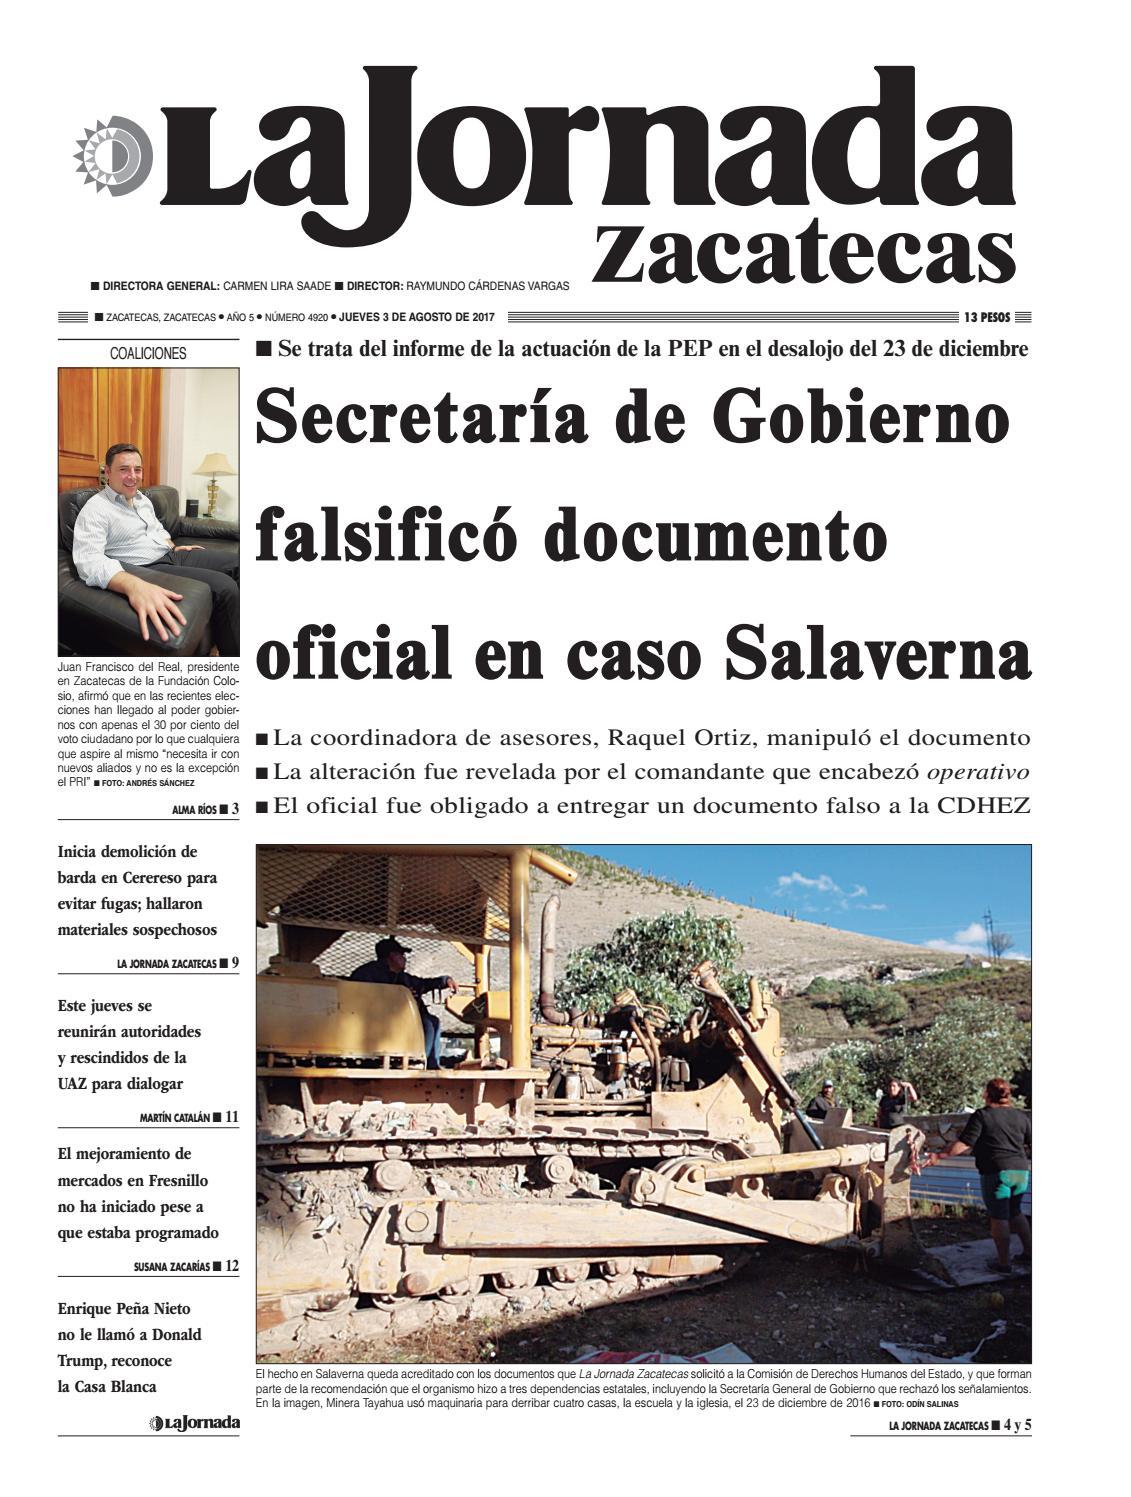 La Jornada Zacatecas Jueves 3 De Agosto De 2017 By La Jornada